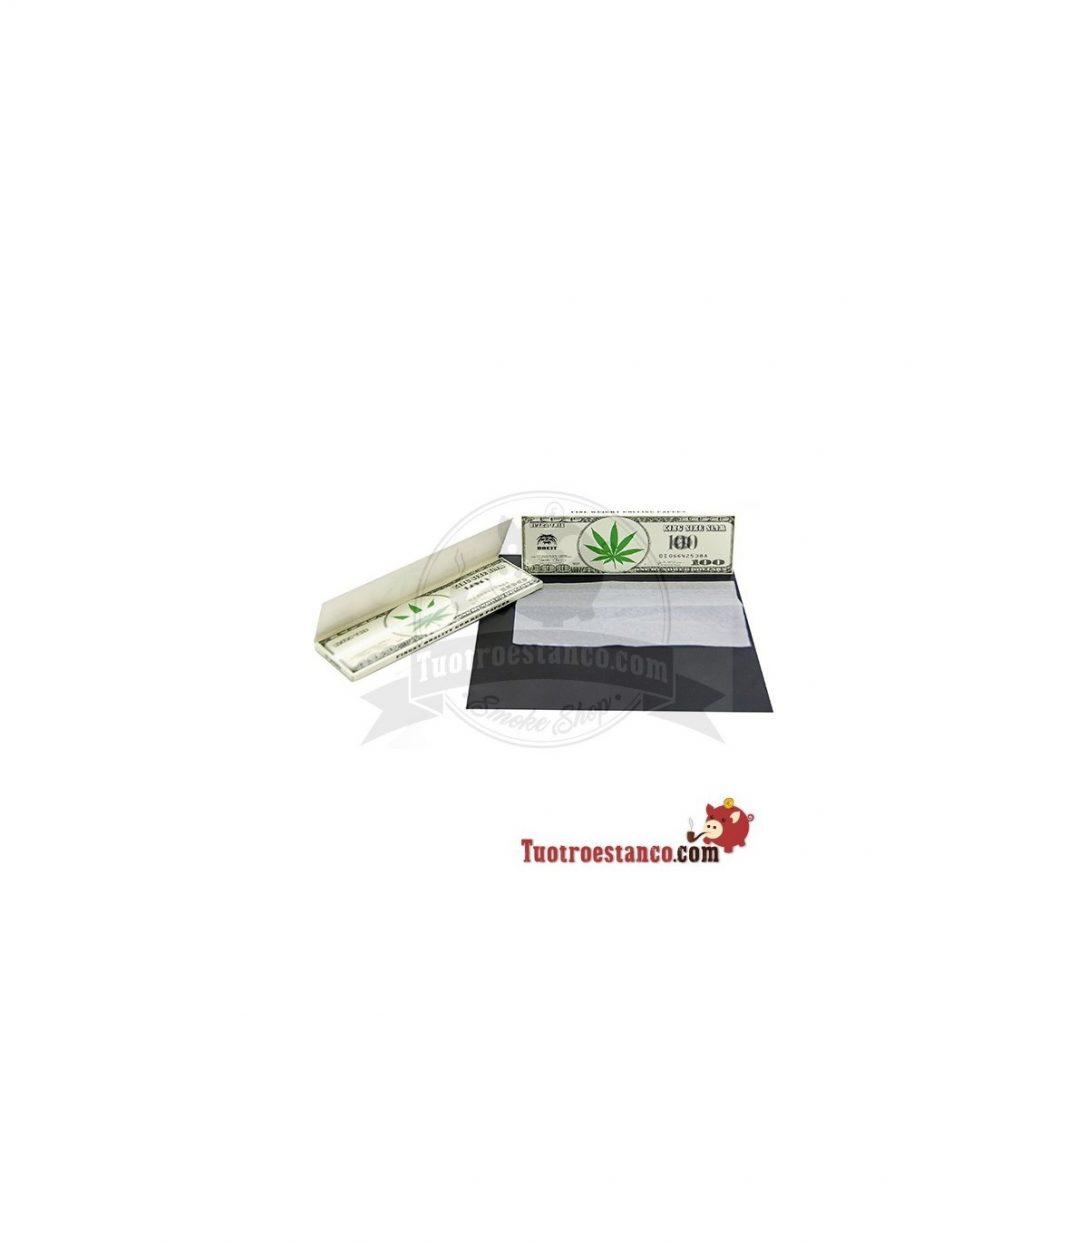 Large Size of Bett Breit Papier Sammlung Dollar King Size Prinzessin Selber Bauen 140x200 Moebel De Betten Günstige Ausklappbares 1 40 Mit Matratze Kinder Komforthöhe Bett Bett 1.20 Breit